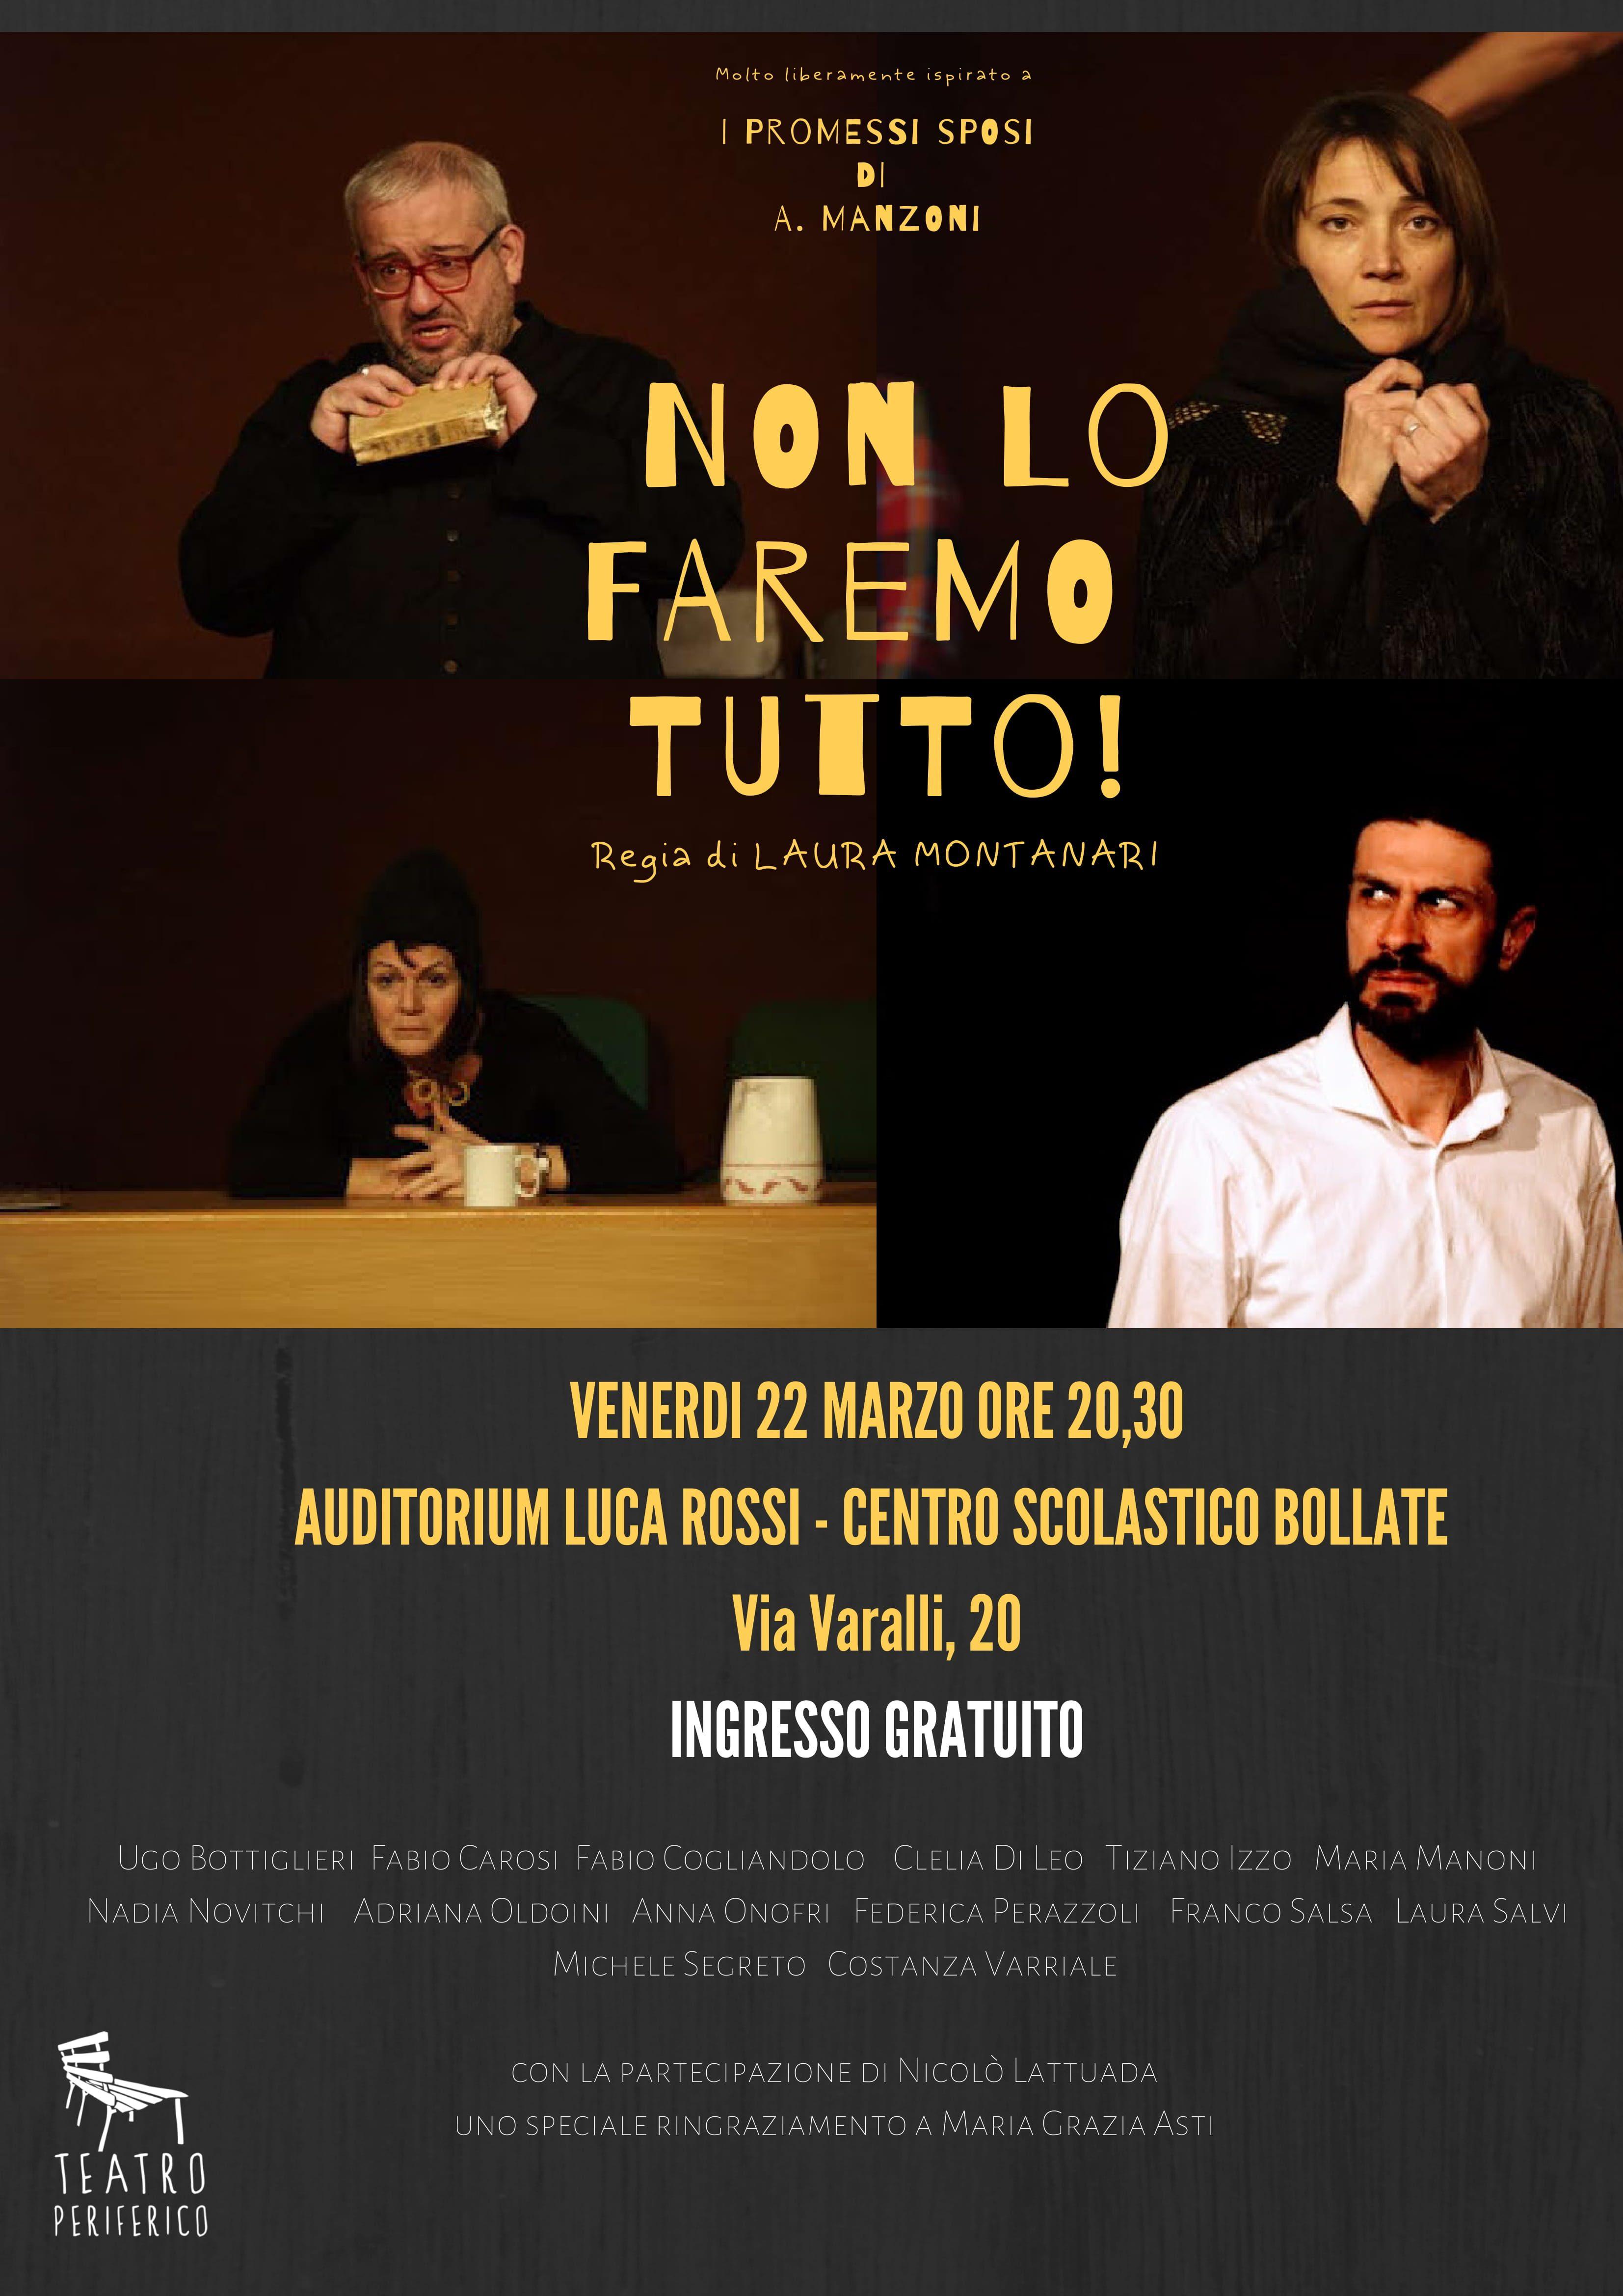 Il teatro dei prof: venerdì 22 marzo in scena con Manzoni